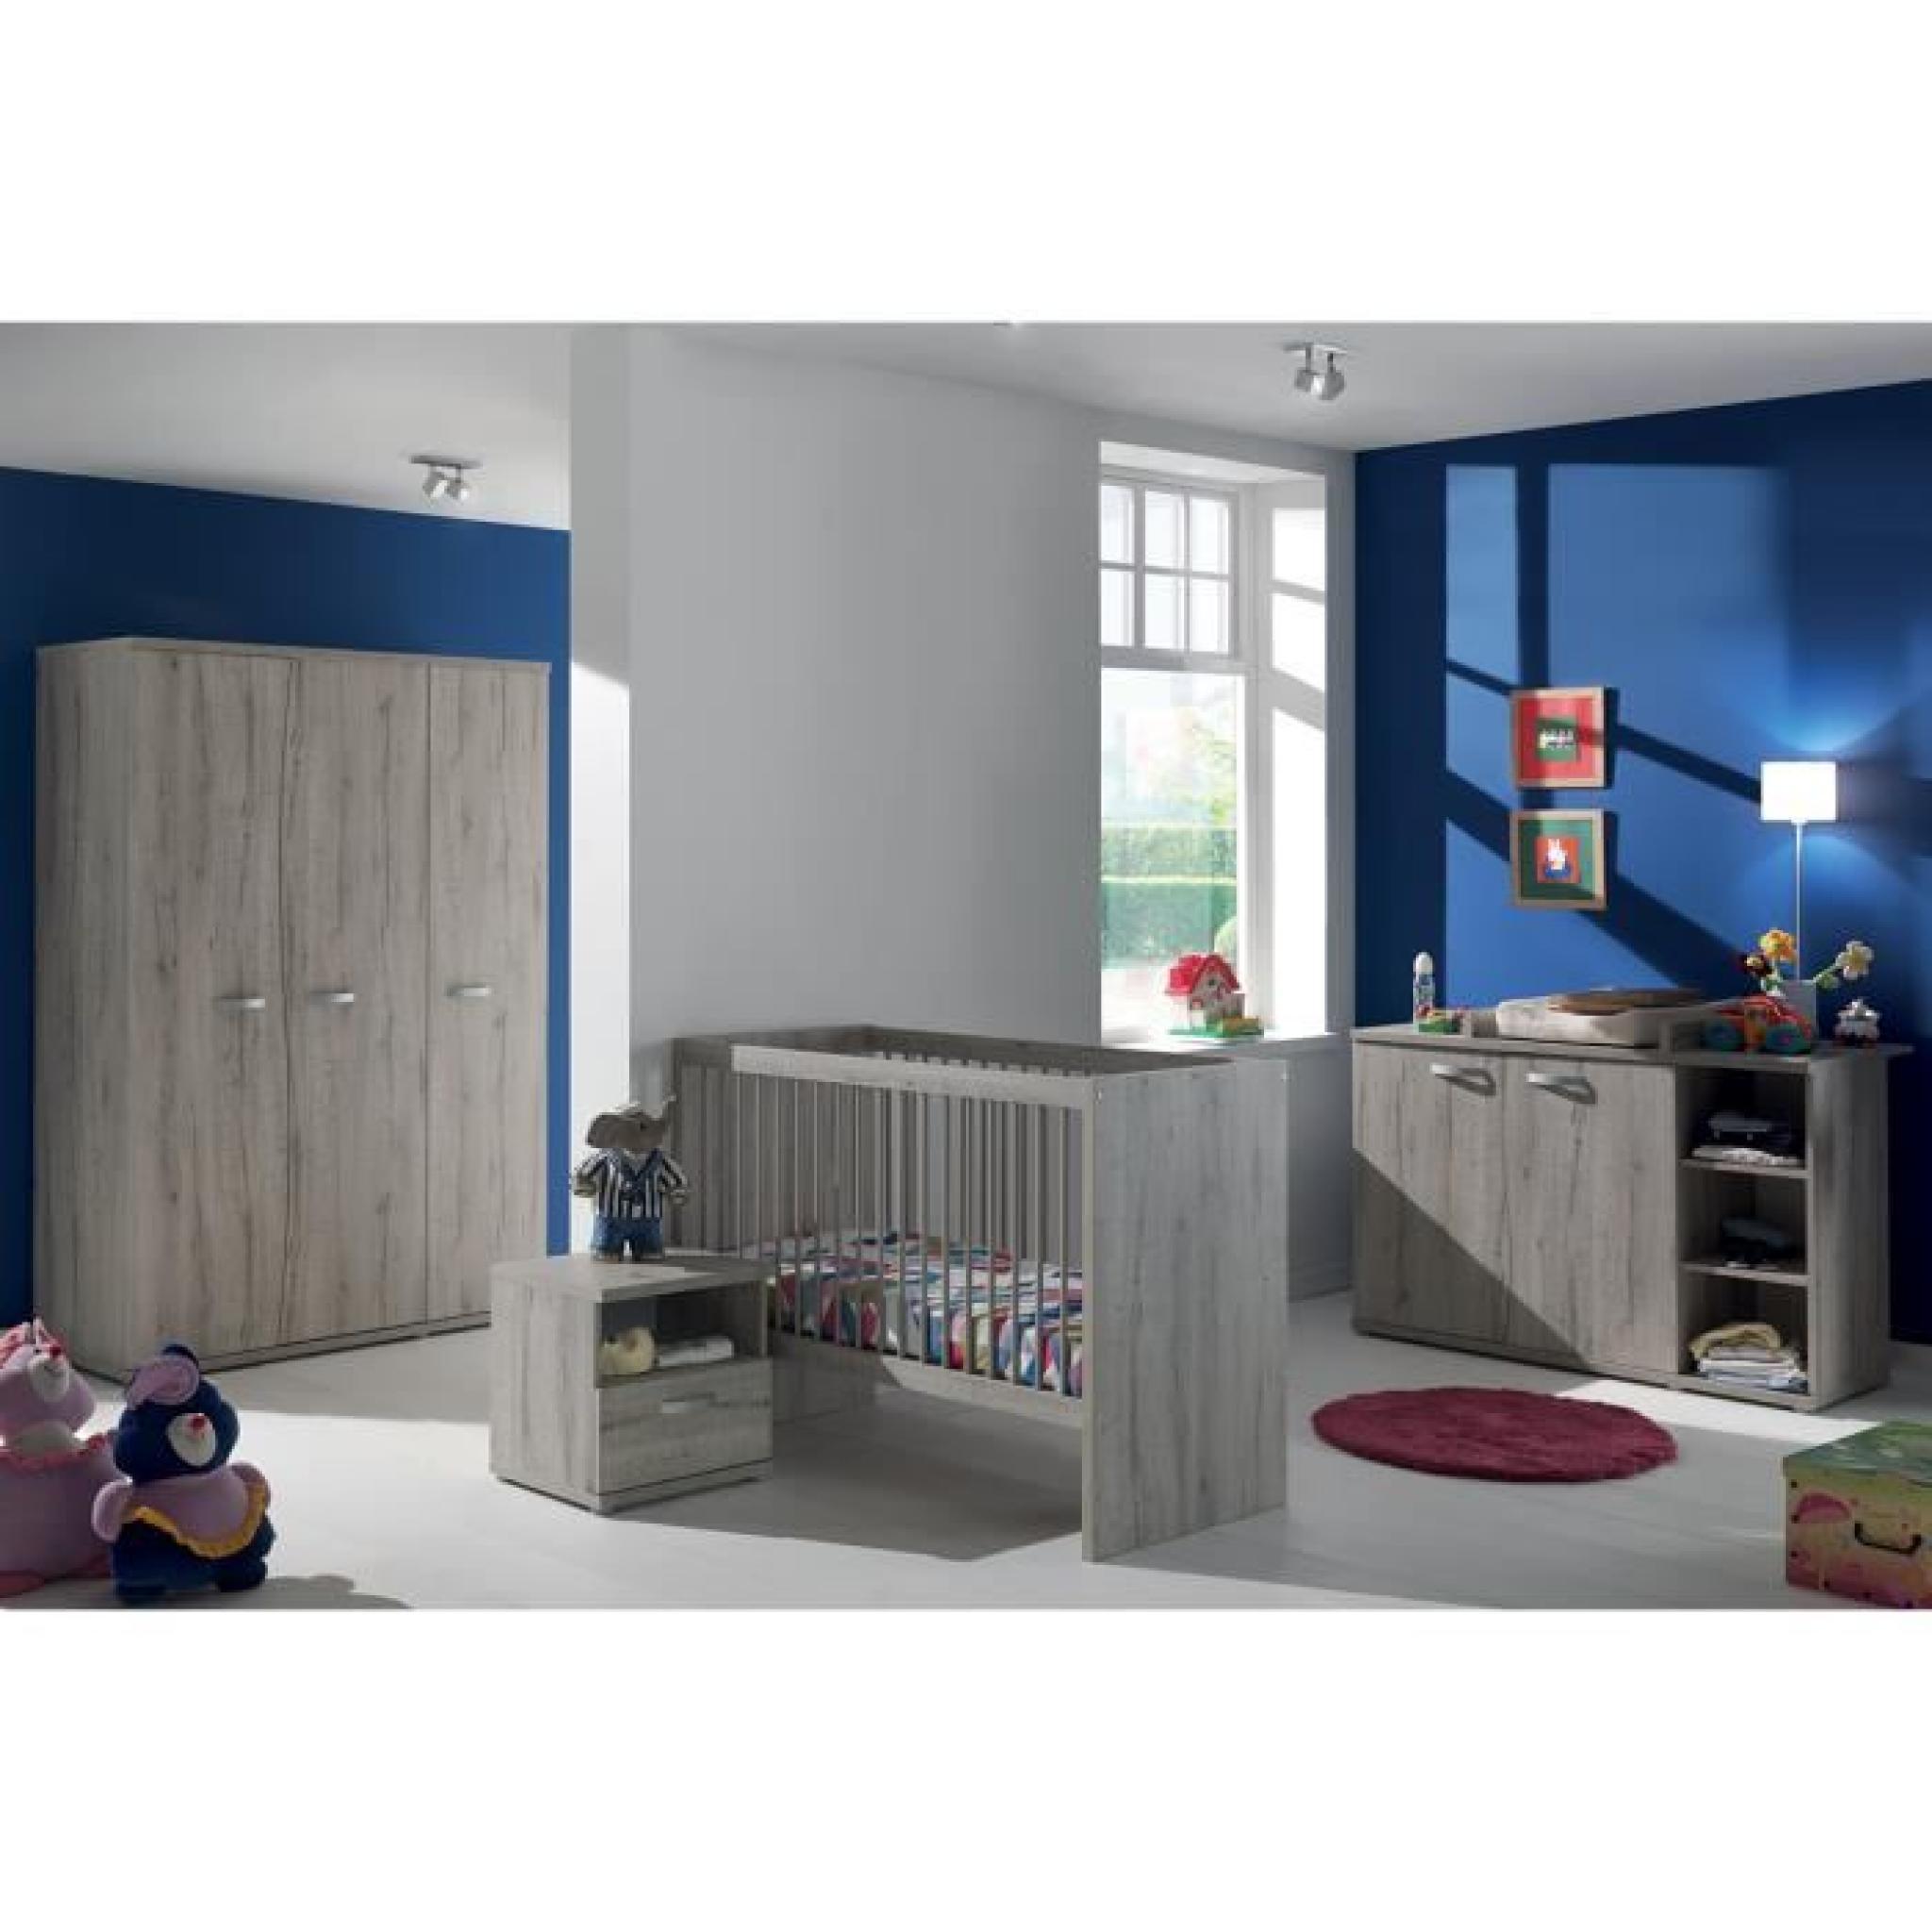 Armoire chambre bébé moderne 140cm 3 portes avec courbes coloris